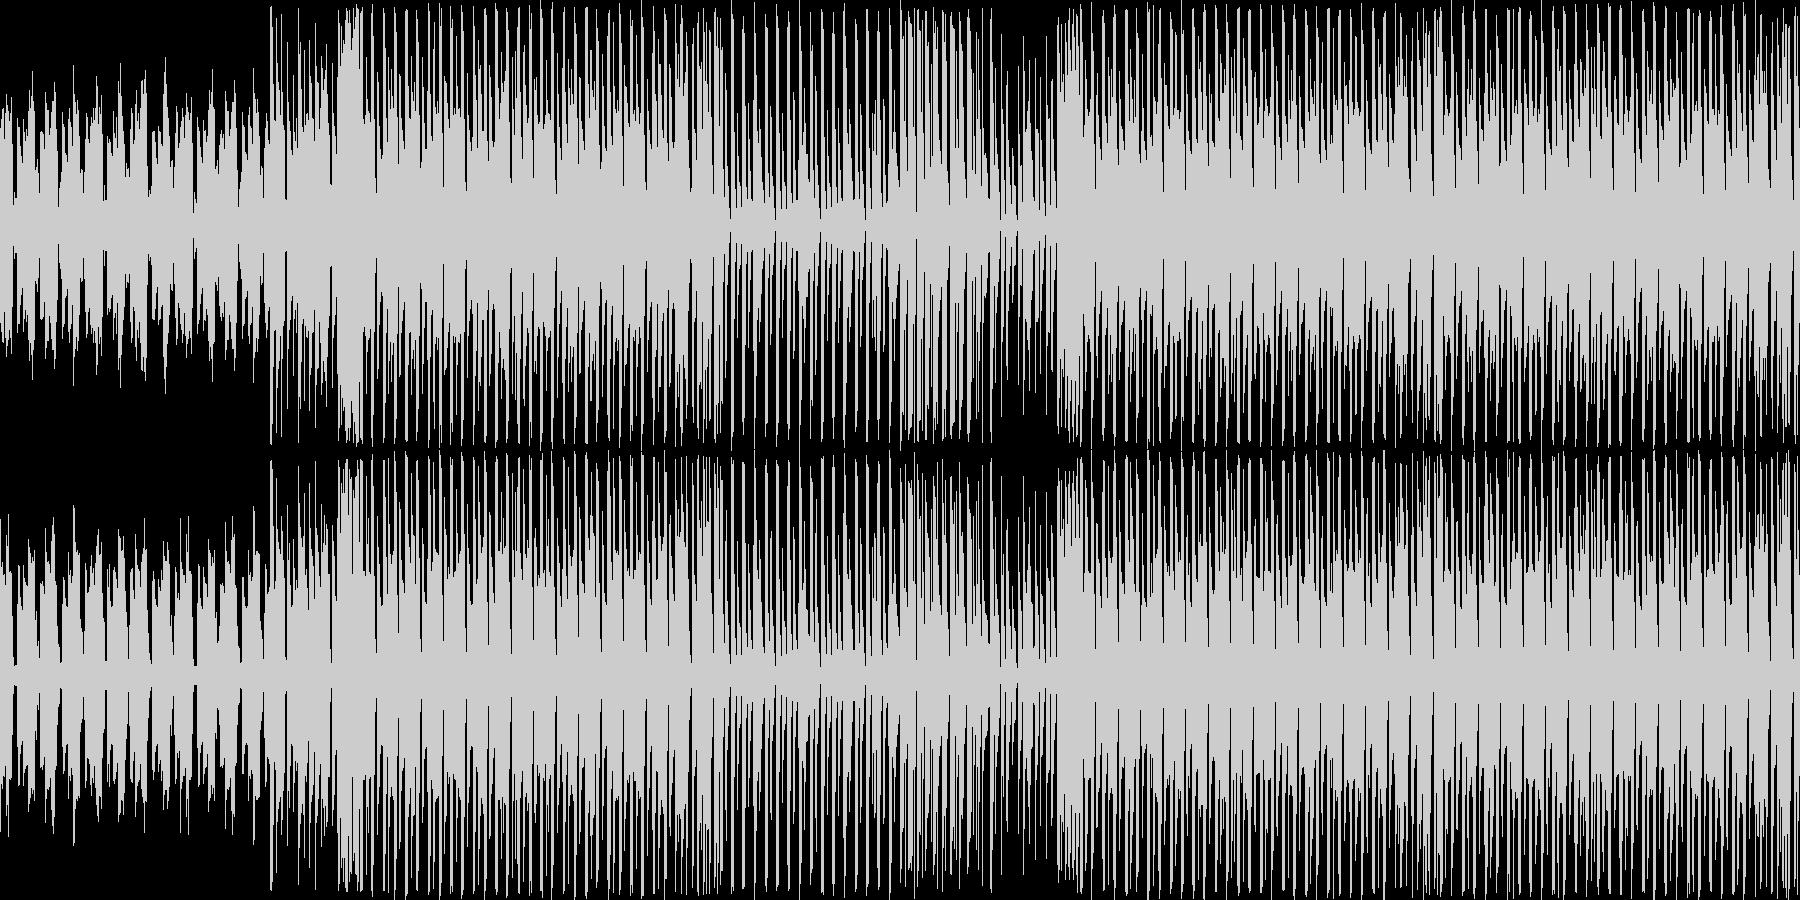 【ダンスなどのBGMにハウス系BGM】の未再生の波形